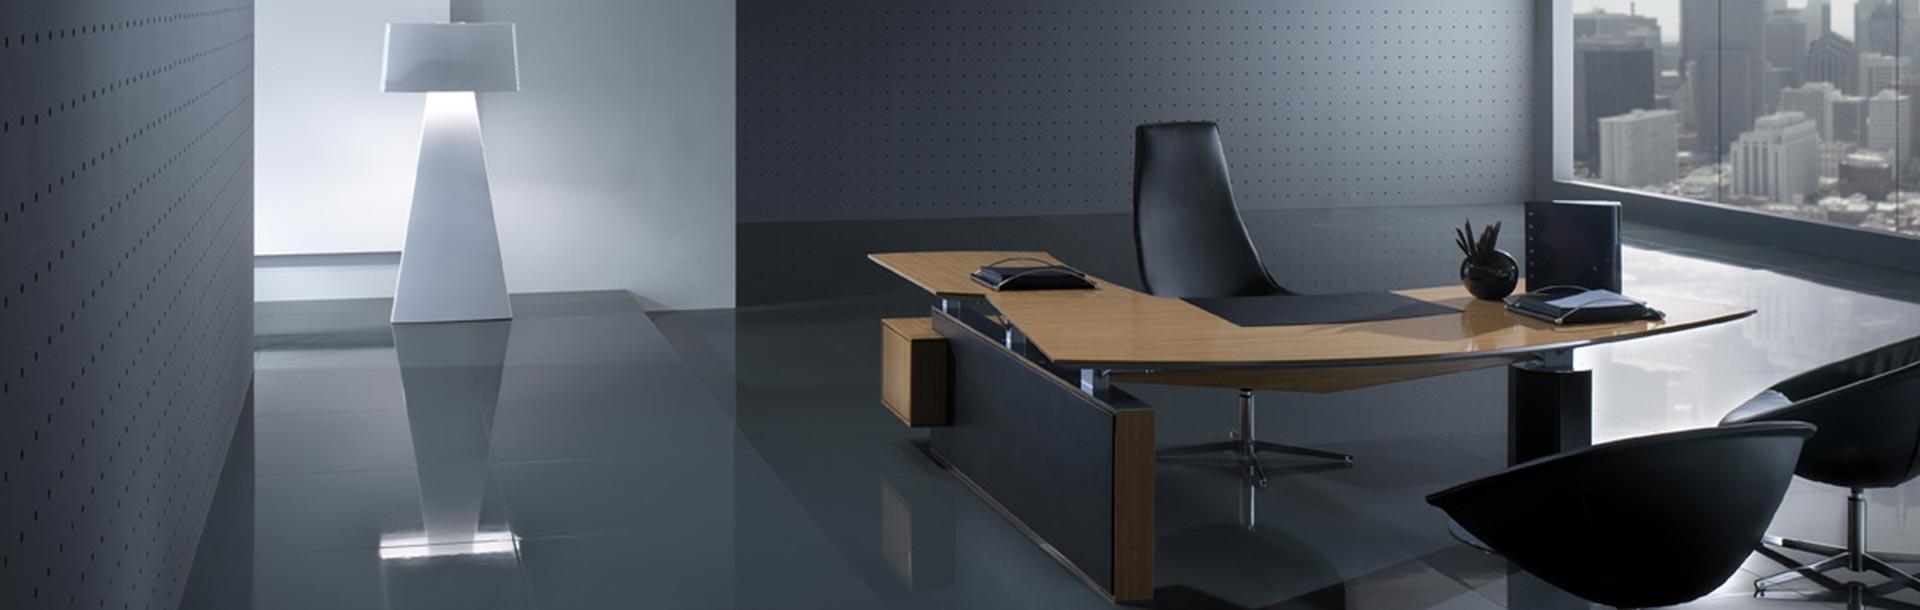 Arredamento e mobili per l 39 ufficio salone del mobile for Mobili per salone